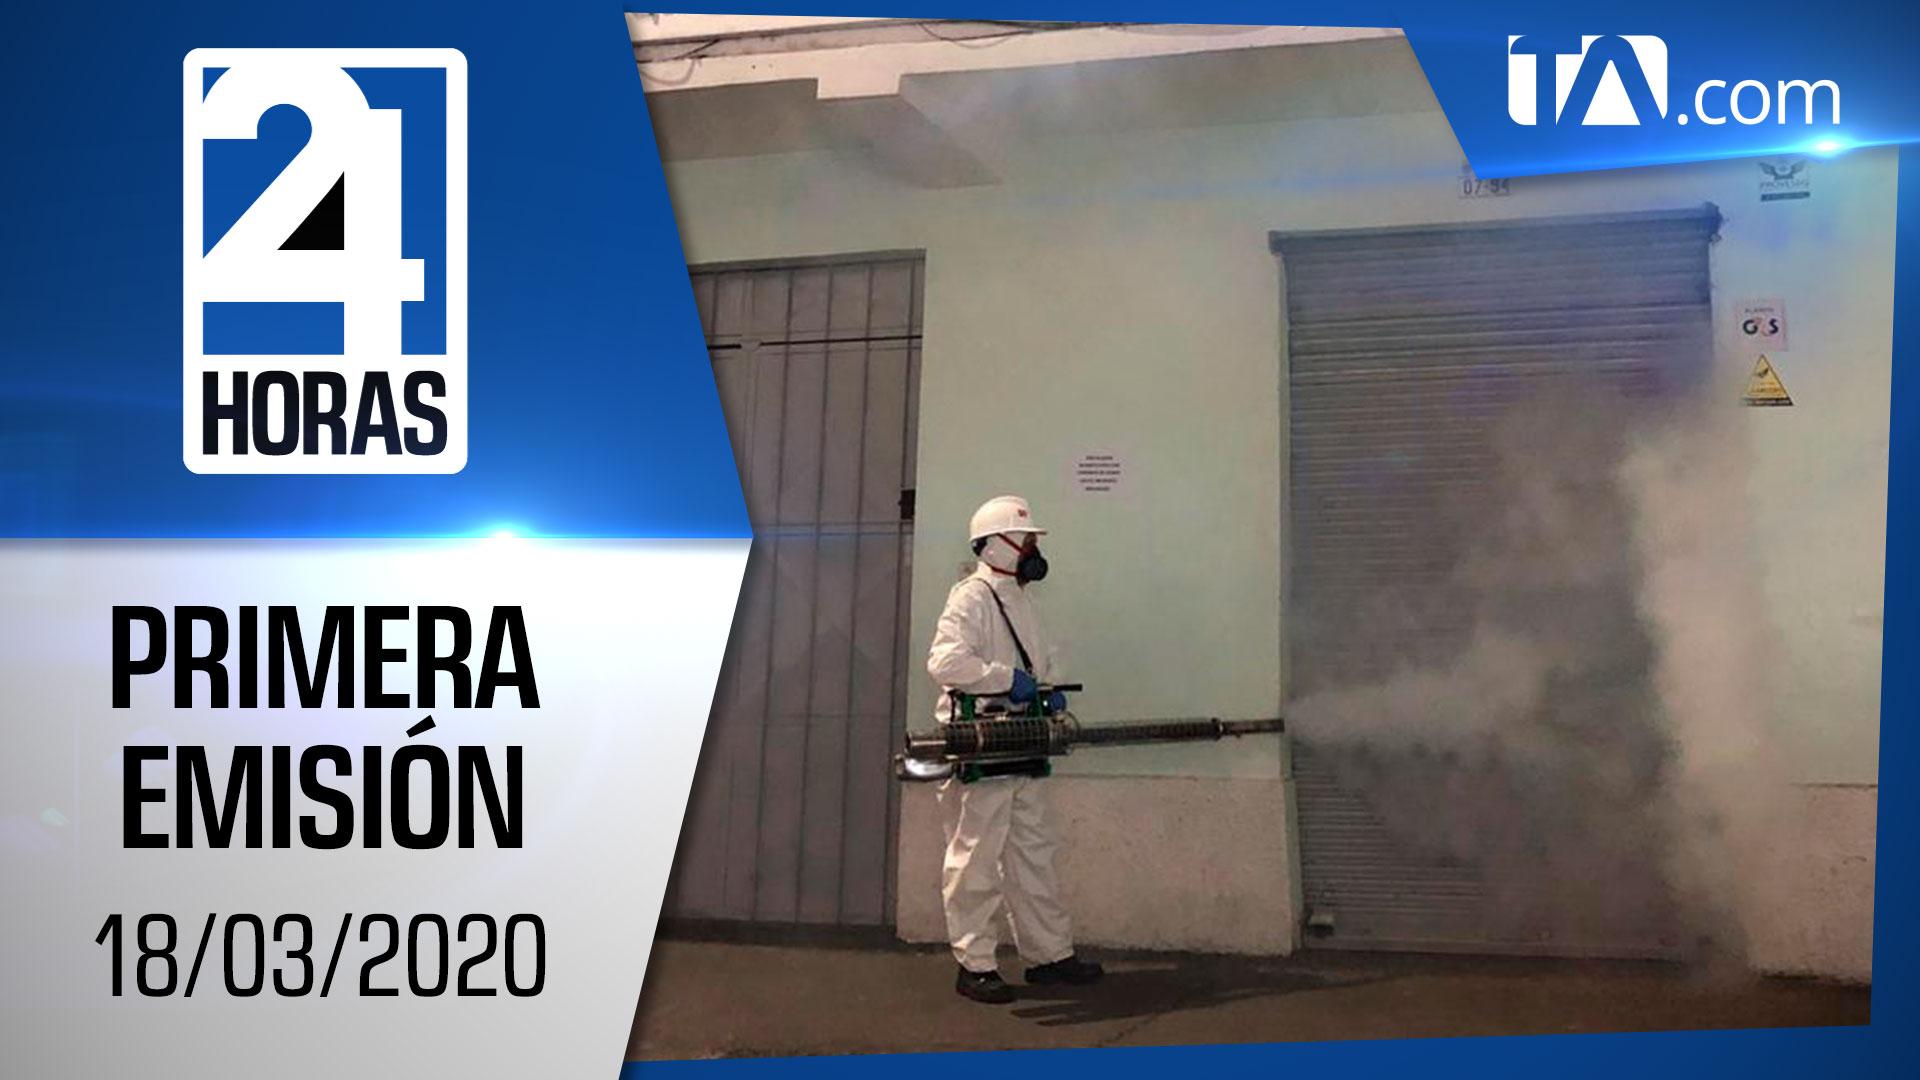 Noticias Ecuador: Noticiero 24 Horas 18/03/2020 (Primera Emisión)